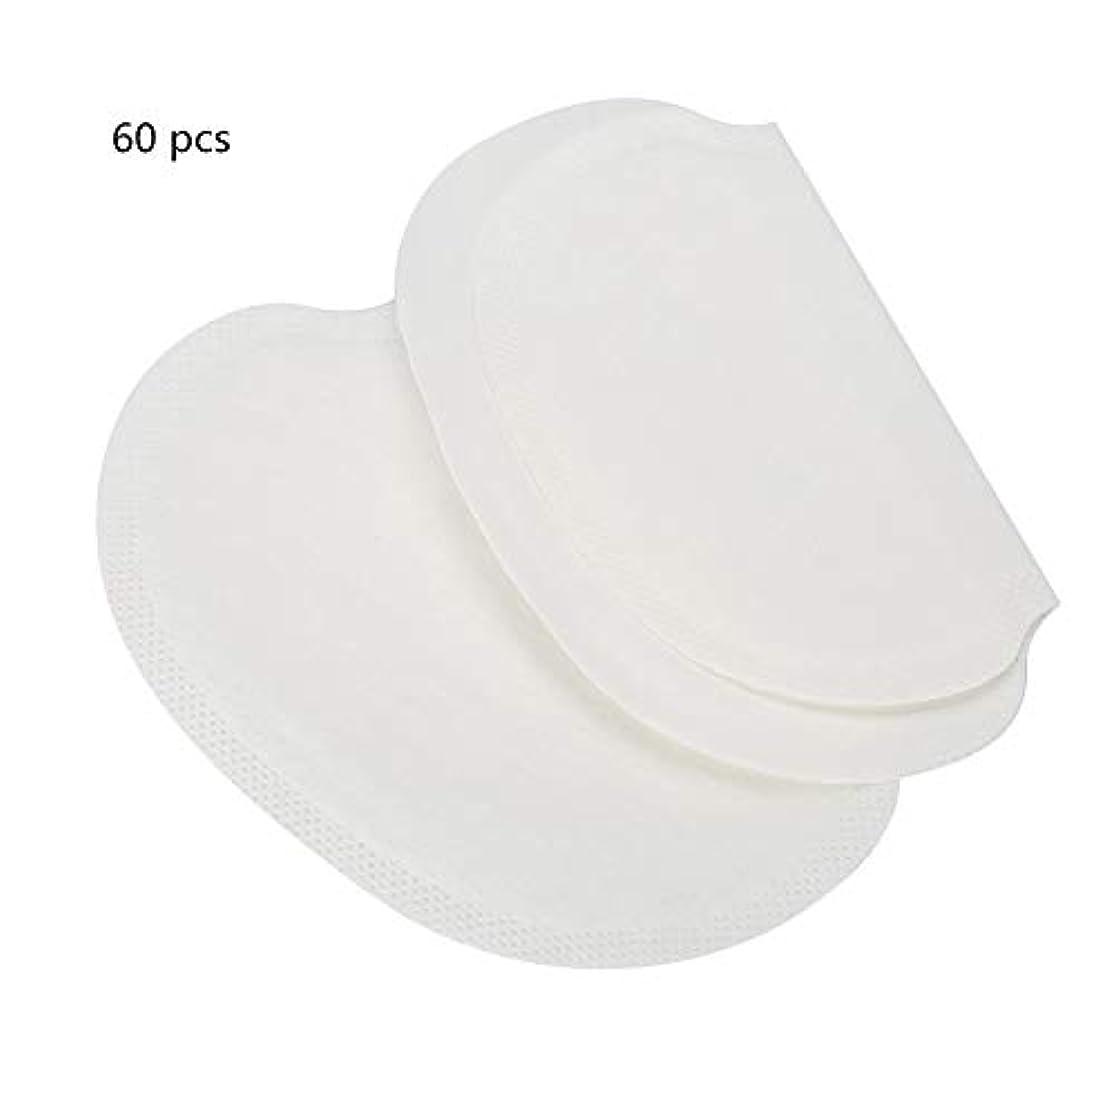 ホームピア圧縮するわき汗パット,汗パッド60枚、吸収性の脇の下の汗パッド、汗をかくための使い捨て脇の下、男性と女性用、ソフト/非常に吸収性/無臭